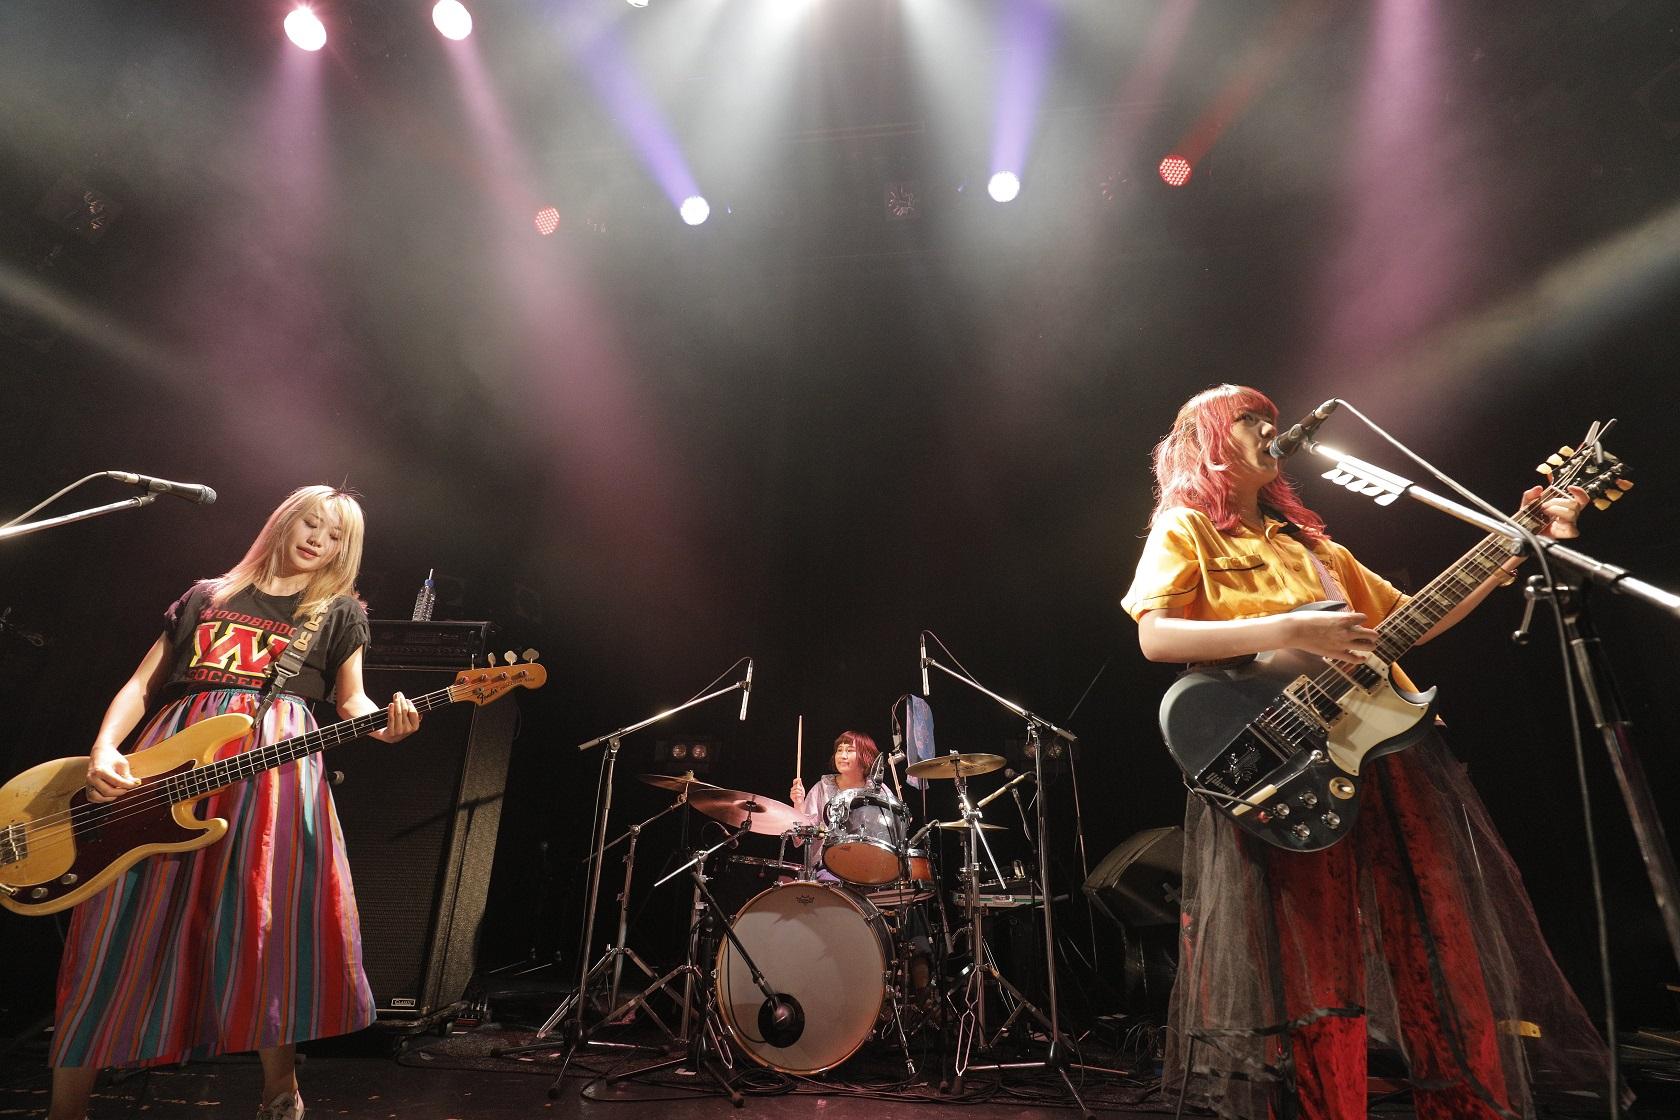 the peggies「ひよっこ」でも好演中の古舘佑太郎新バンド「2」を迎えた自主企画ライブ「ダブダブdeベビベビ」を開催